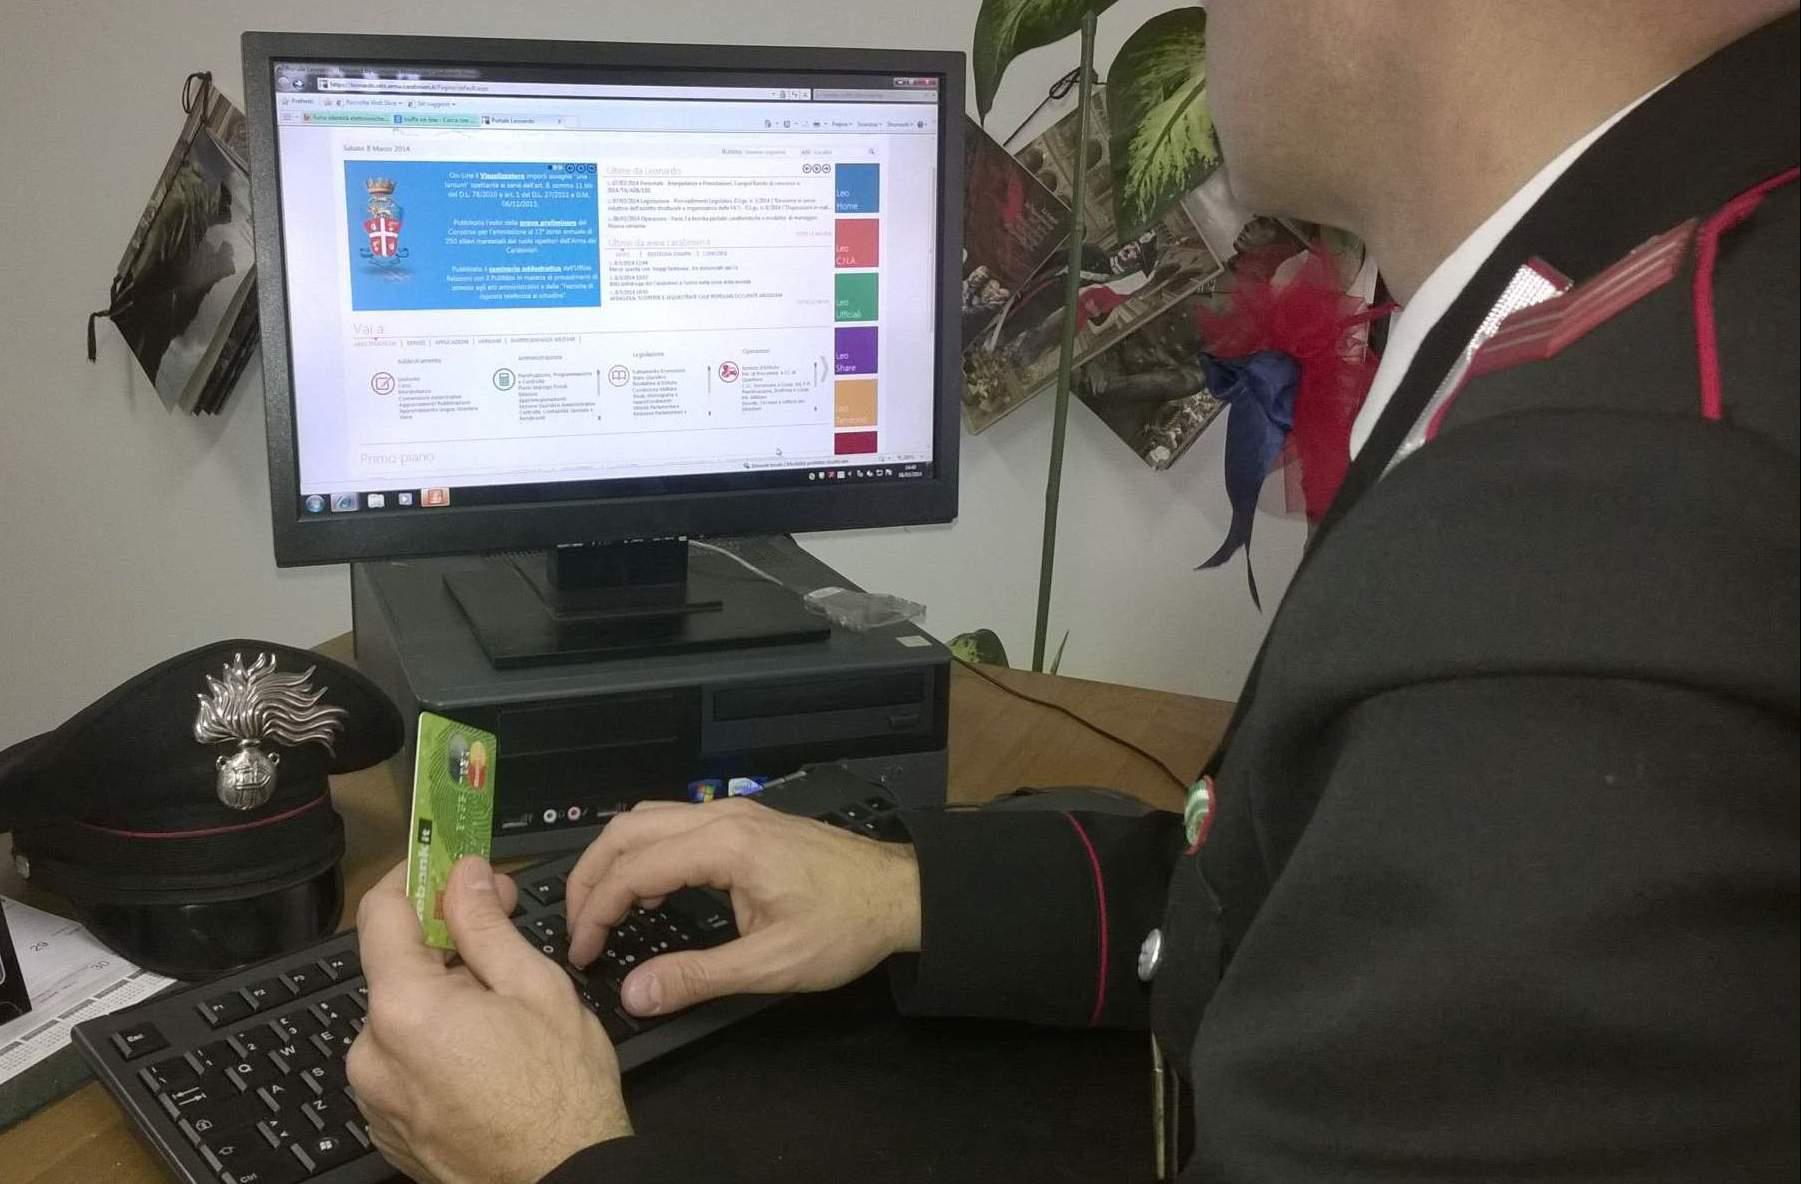 Calabritto, Avellino: I carabinieri smascherano truffatrice Internet